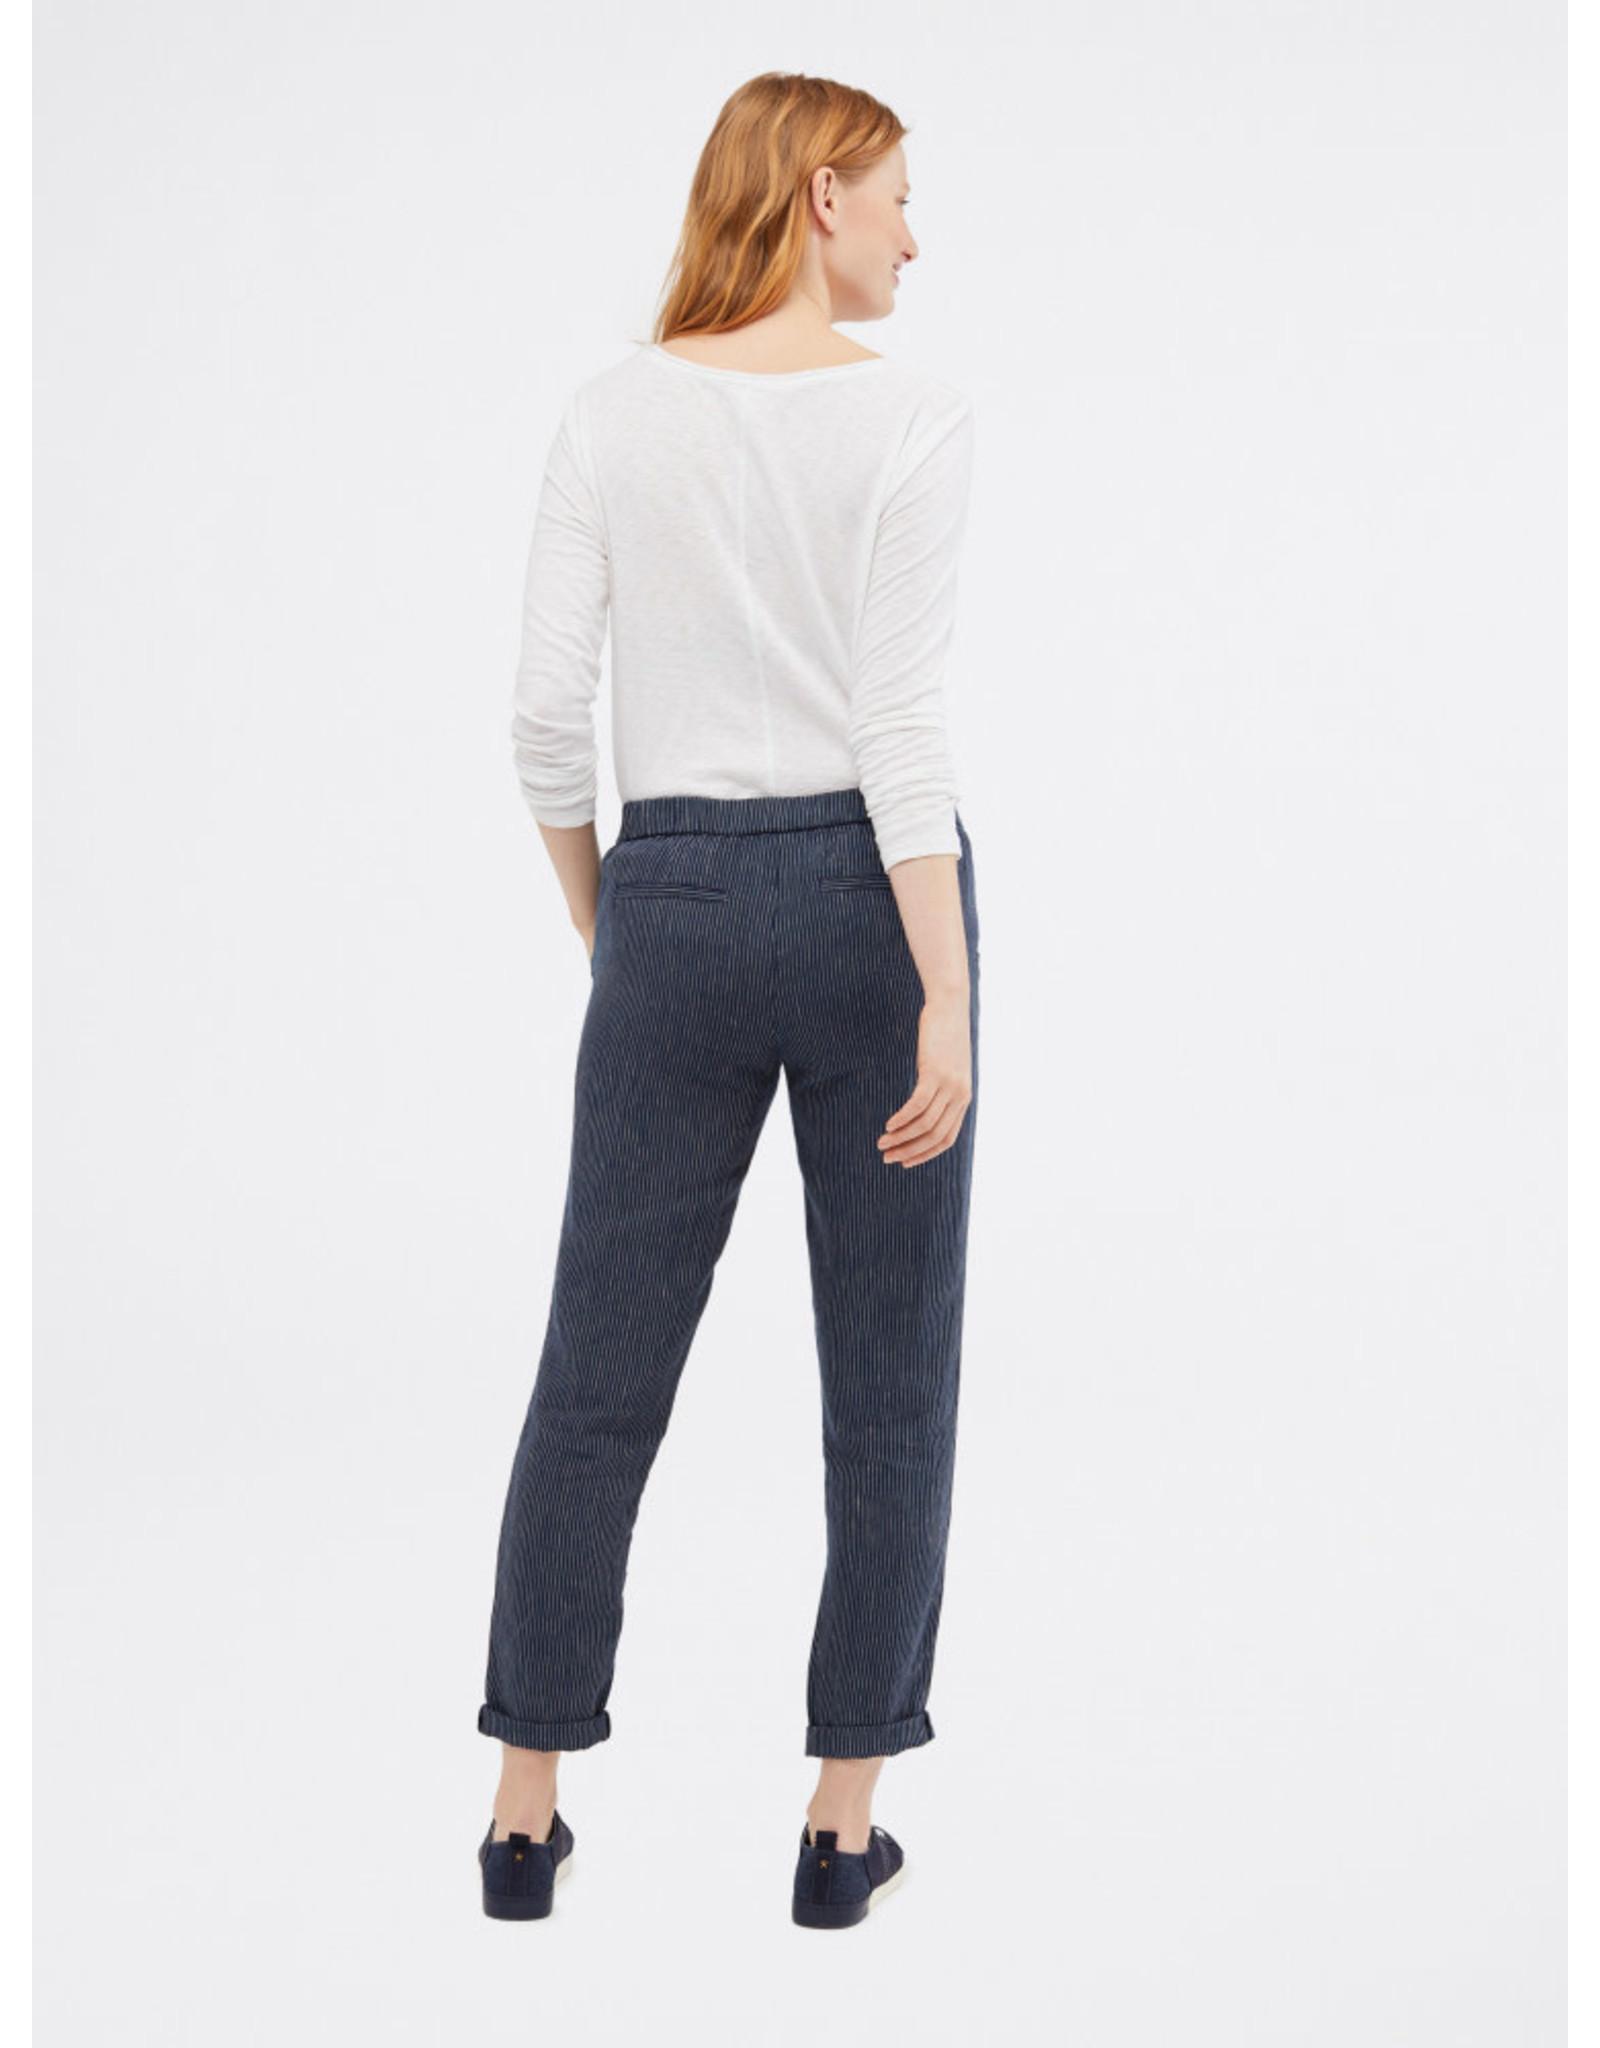 White Stuff White Stuff Maison Linen Trouser